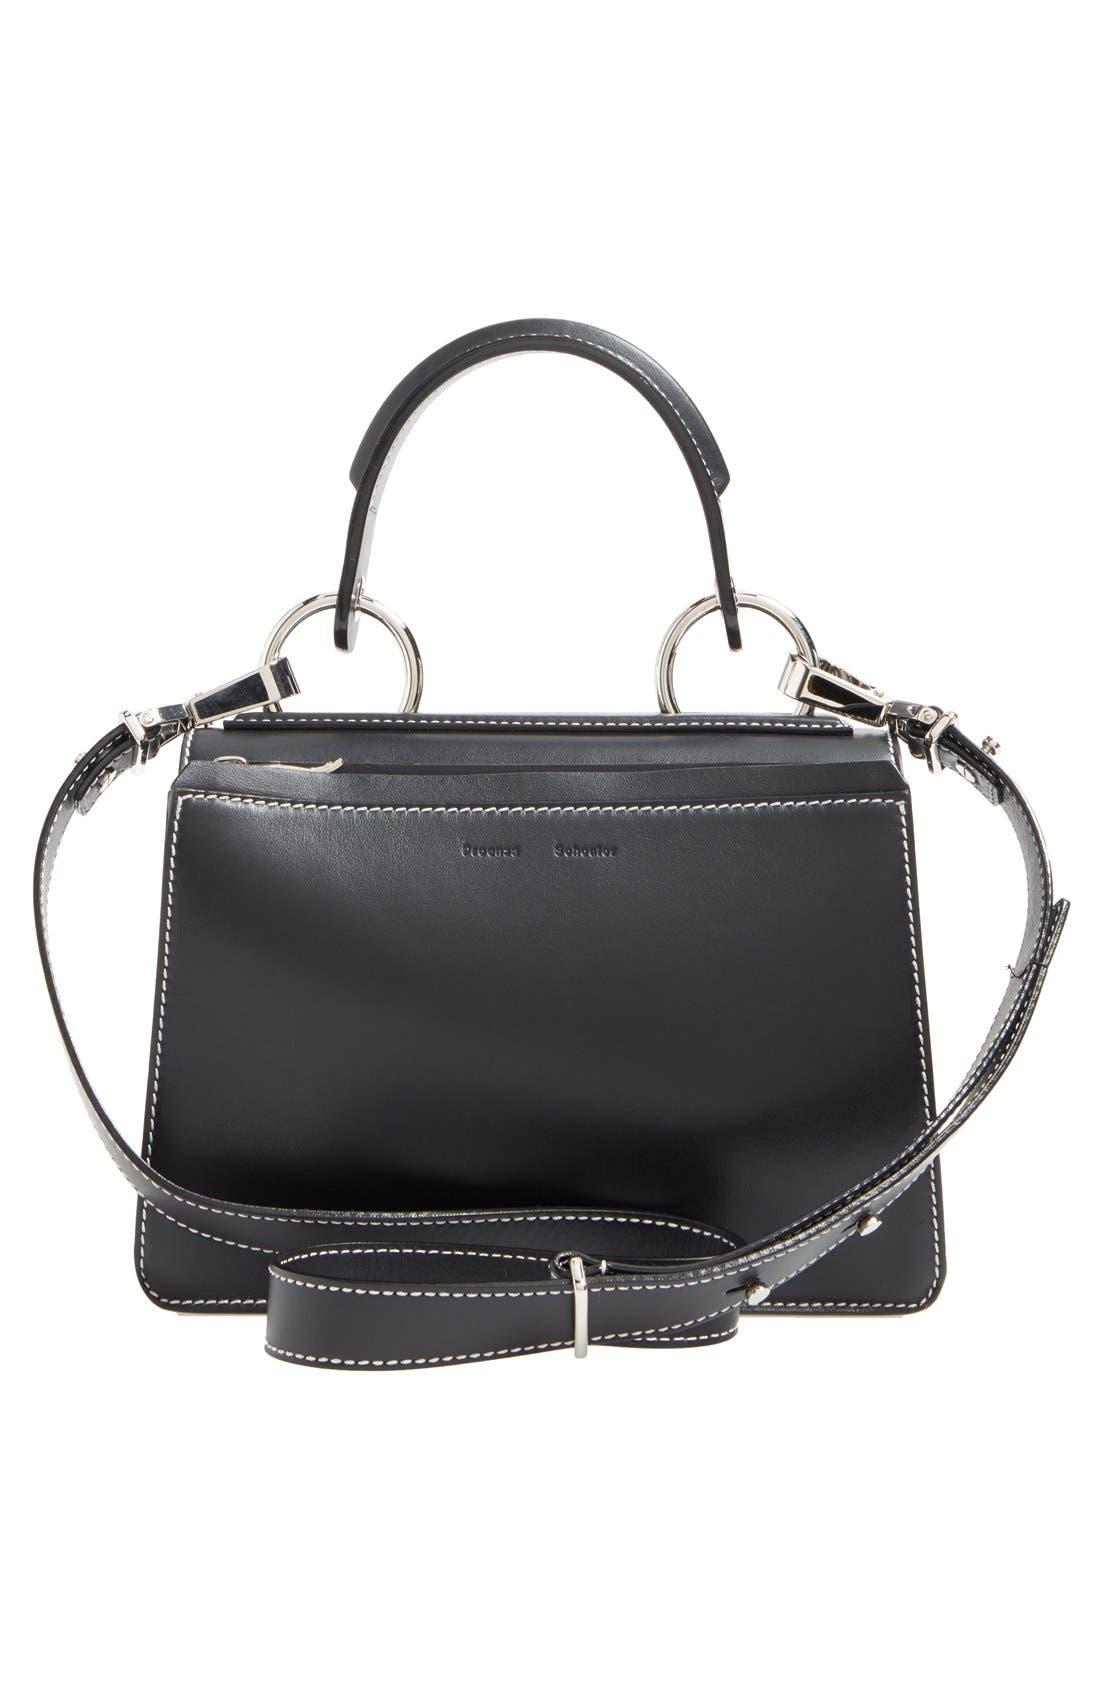 Alternate Image 3  - Proenza Schouler 'Small Hava' Top Handle Calfskin Leather Satchel